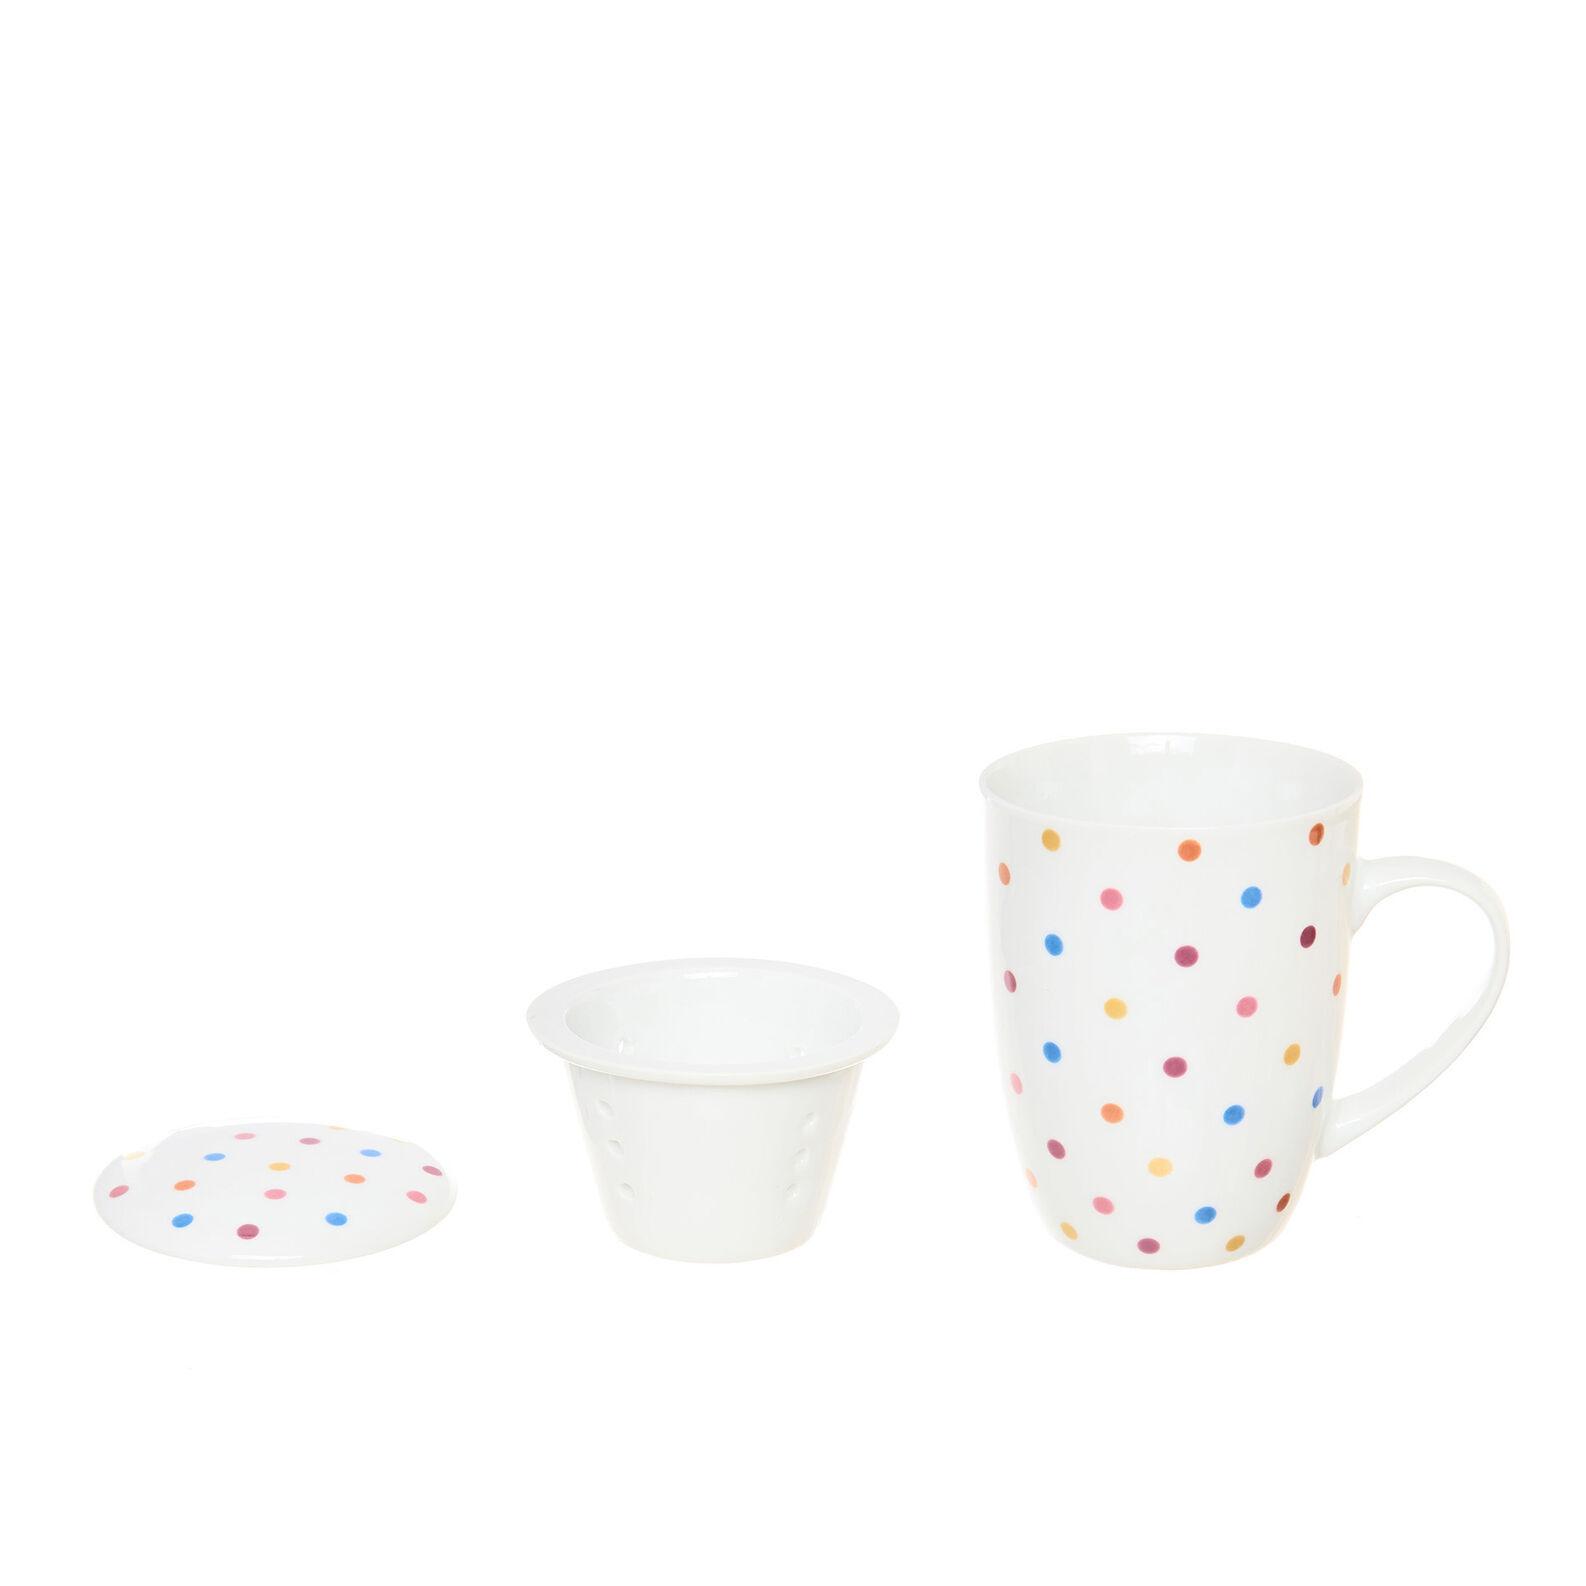 Polka dot porcelain infuser cup